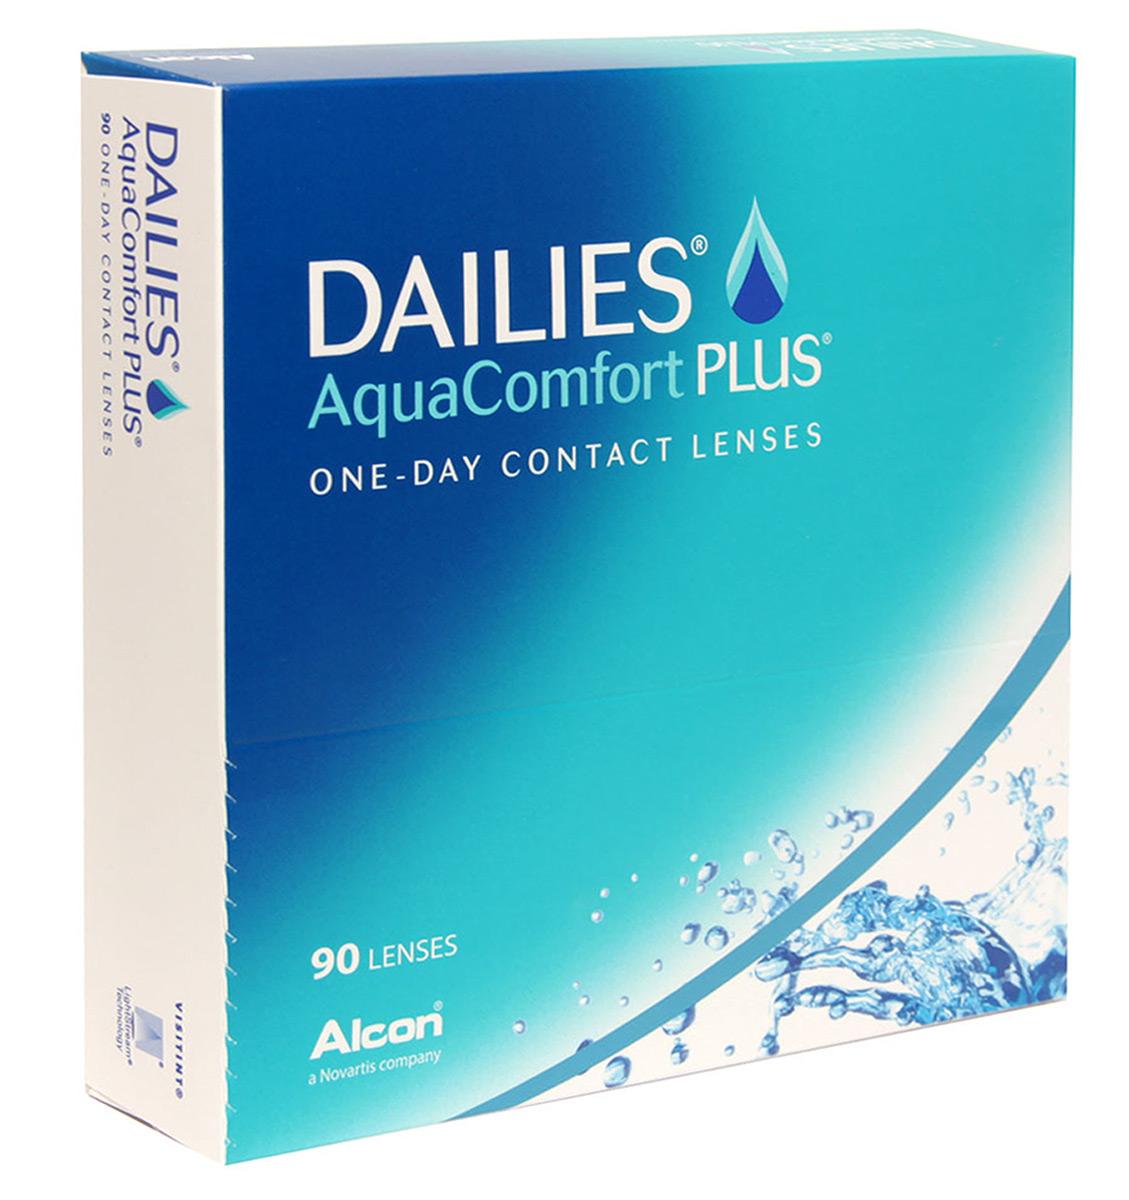 Alcon-CIBA Vision контактные линзы Dailies AquaComfort Plus (90шт / 8.7 / 14.0 / -1.00)38368Dailies AquaComfort Plus - это одни из самых популярных однодневных линз производства компании Ciba Vision. Эти линзы пользуются огромной популярностью во всем мире и являются на сегодняшний день самыми безопасными контактными линзами. Изготавливаются линзы из современного, 100% безопасного материала нелфилкон А. Особенность этого материала в том, что он легко пропускает воздух и хорошо сохраняет влагу. Однодневные контактные линзы Dailies AquaComfort Plus не нуждаются в дополнительном уходе и затратах, каждый день вы надеваете свежую пару линз. Дизайн линзы биосовместимый, что гарантирует безупречный комфорт. Самое главное достоинство Dailies AquaComfort Plus - это их уникальная система увлажнения. Благодаря этой разработке линзы увлажняются тремя различными агентами. Первый компонент, ухаживающий за линзами, находится в растворе, он как бы обволакивает линзу, обеспечивая чрезвычайно комфортное надевание. Второй агент выделяется на протяжении всего дня, он...